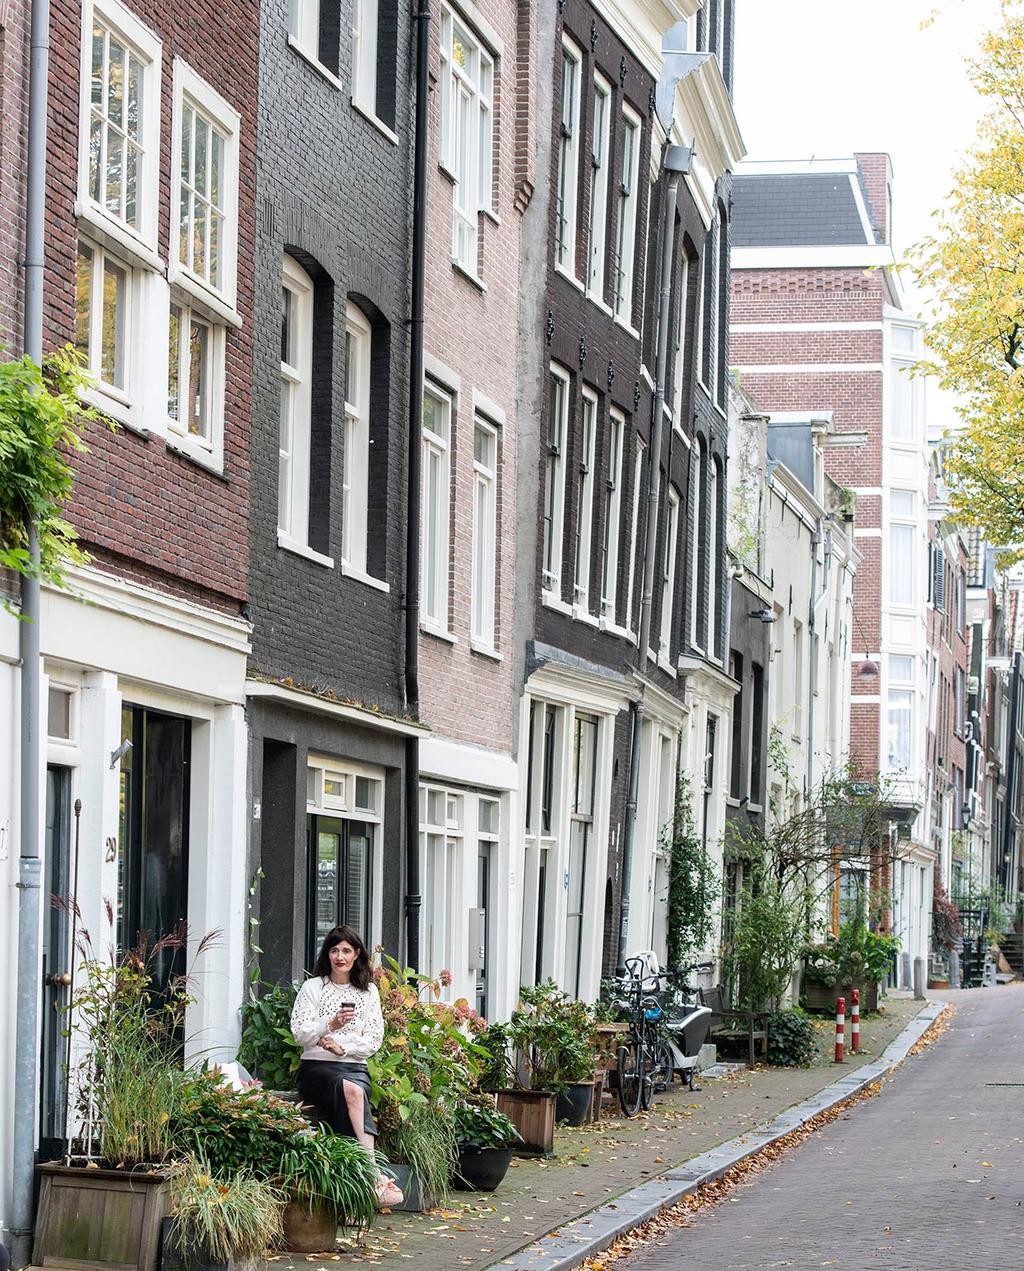 vtwonen 06-2021 | de Jordaan in Amsterdam